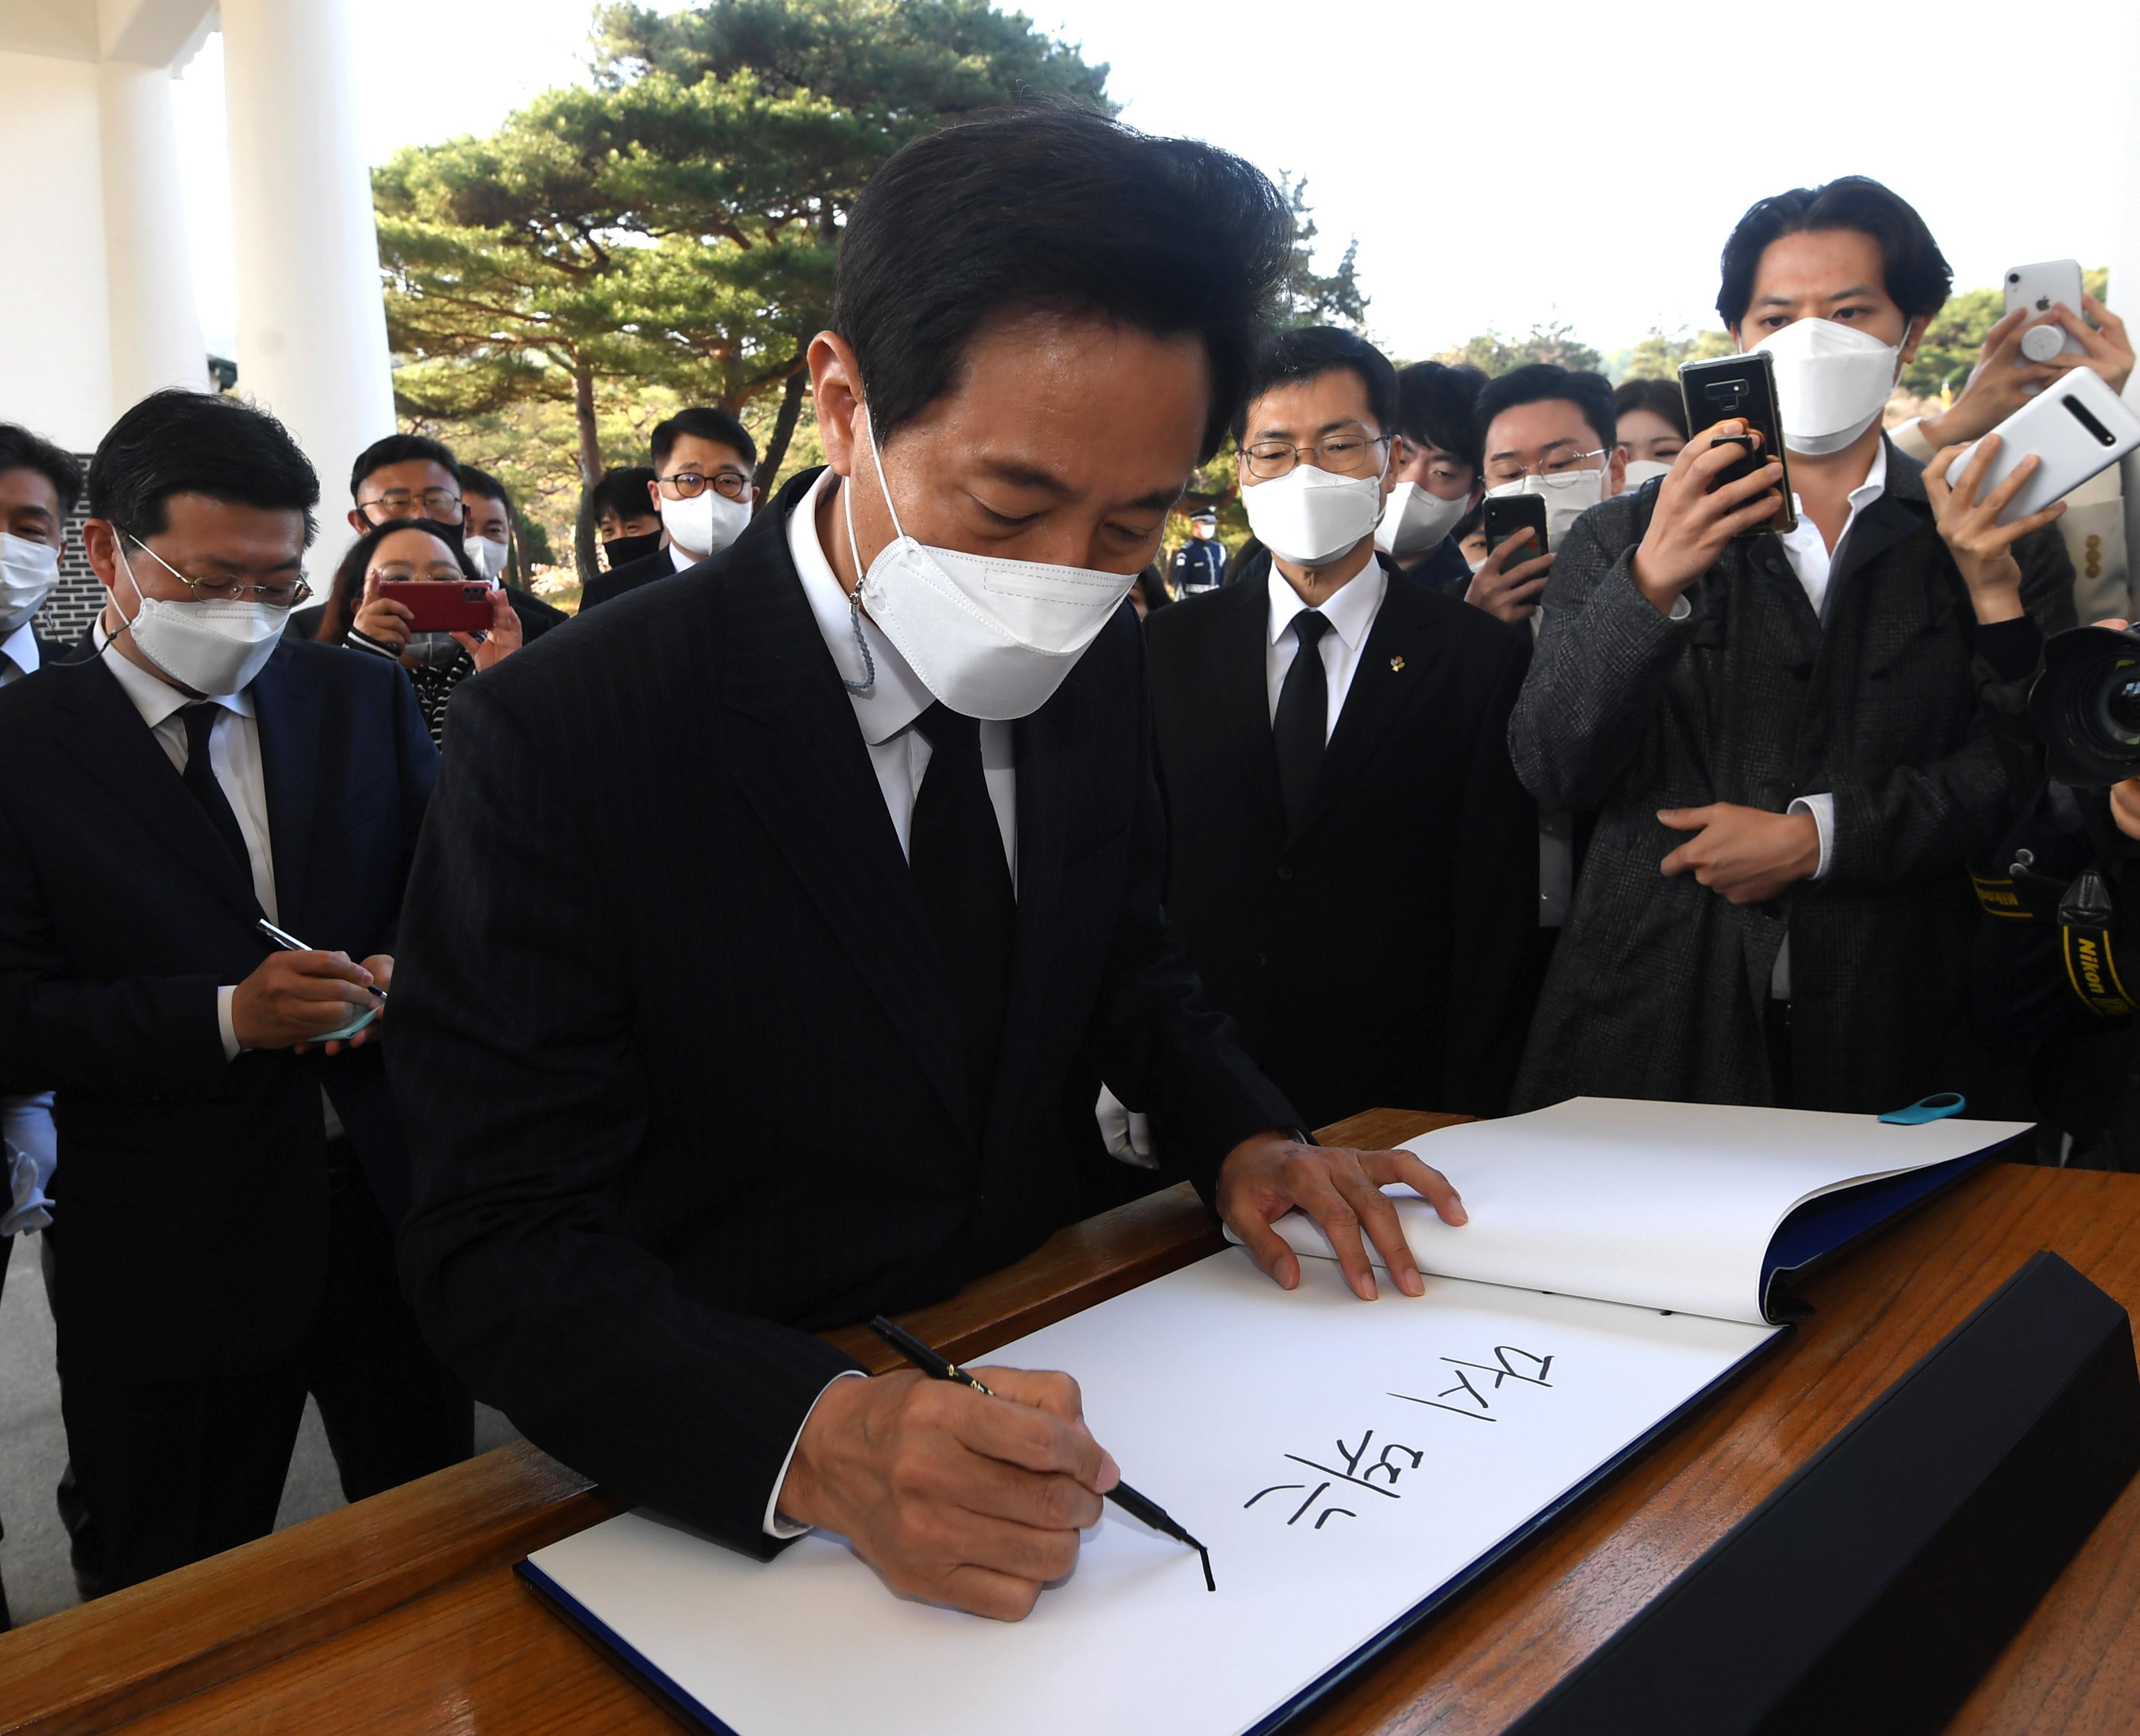 ▲▼首爾市長吳世勳在訪名錄簽下「躍動的首爾」。(圖/達志影像)